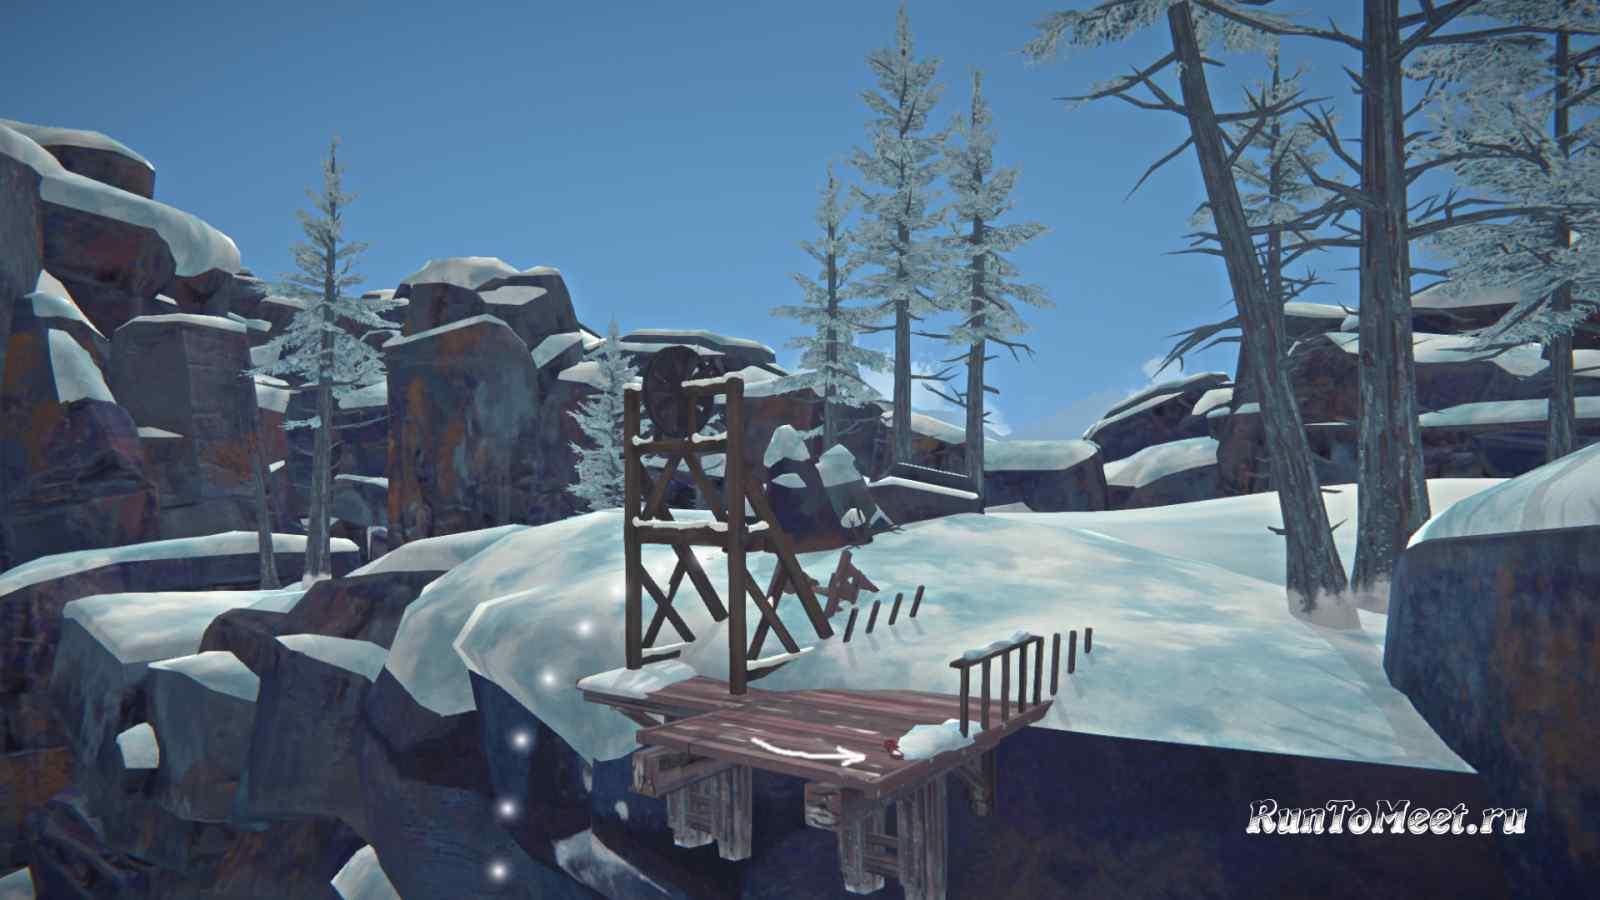 Канат возле спуска к шахтерскому поселку в Пепельном каньоне игры The long dark